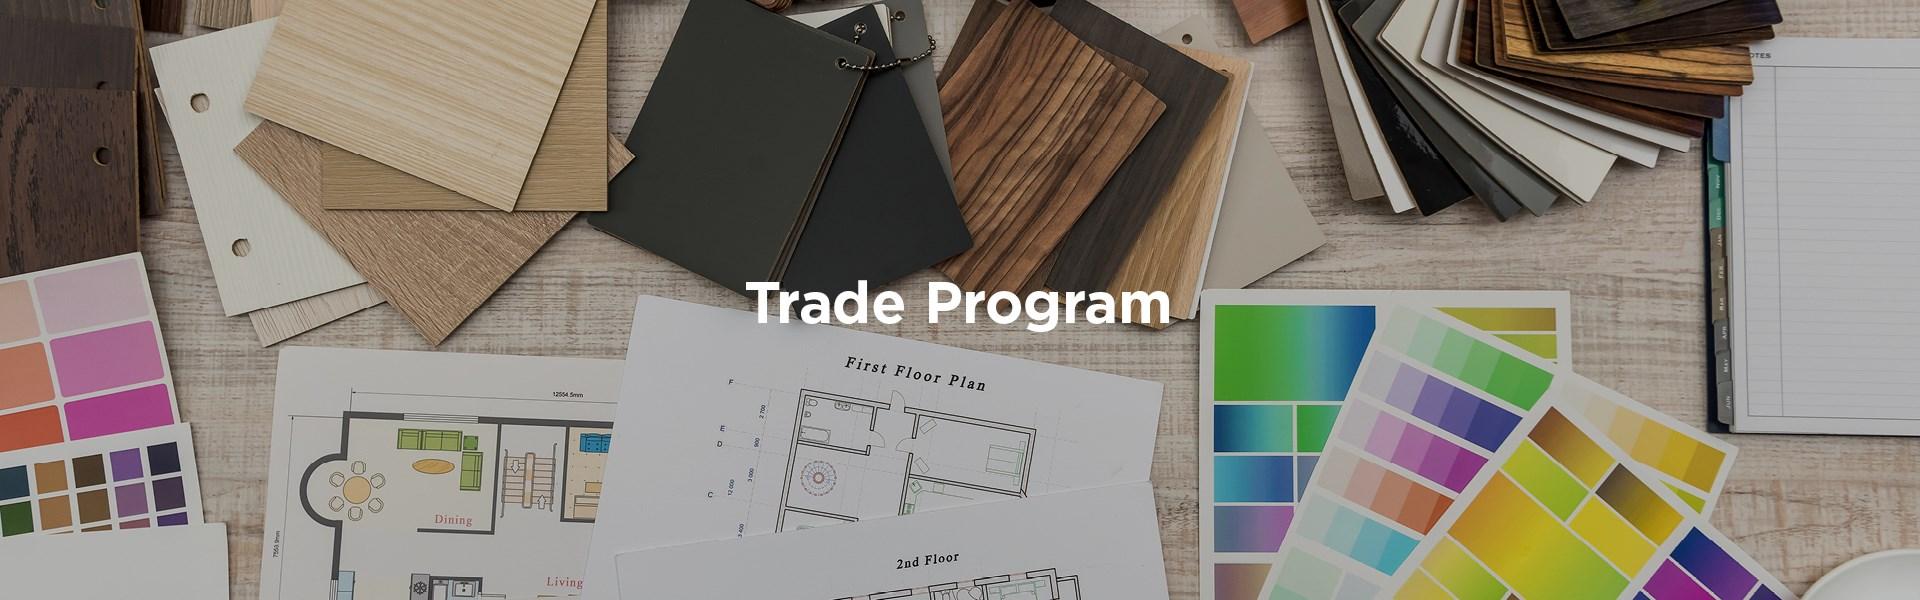 Trade Program Desktop